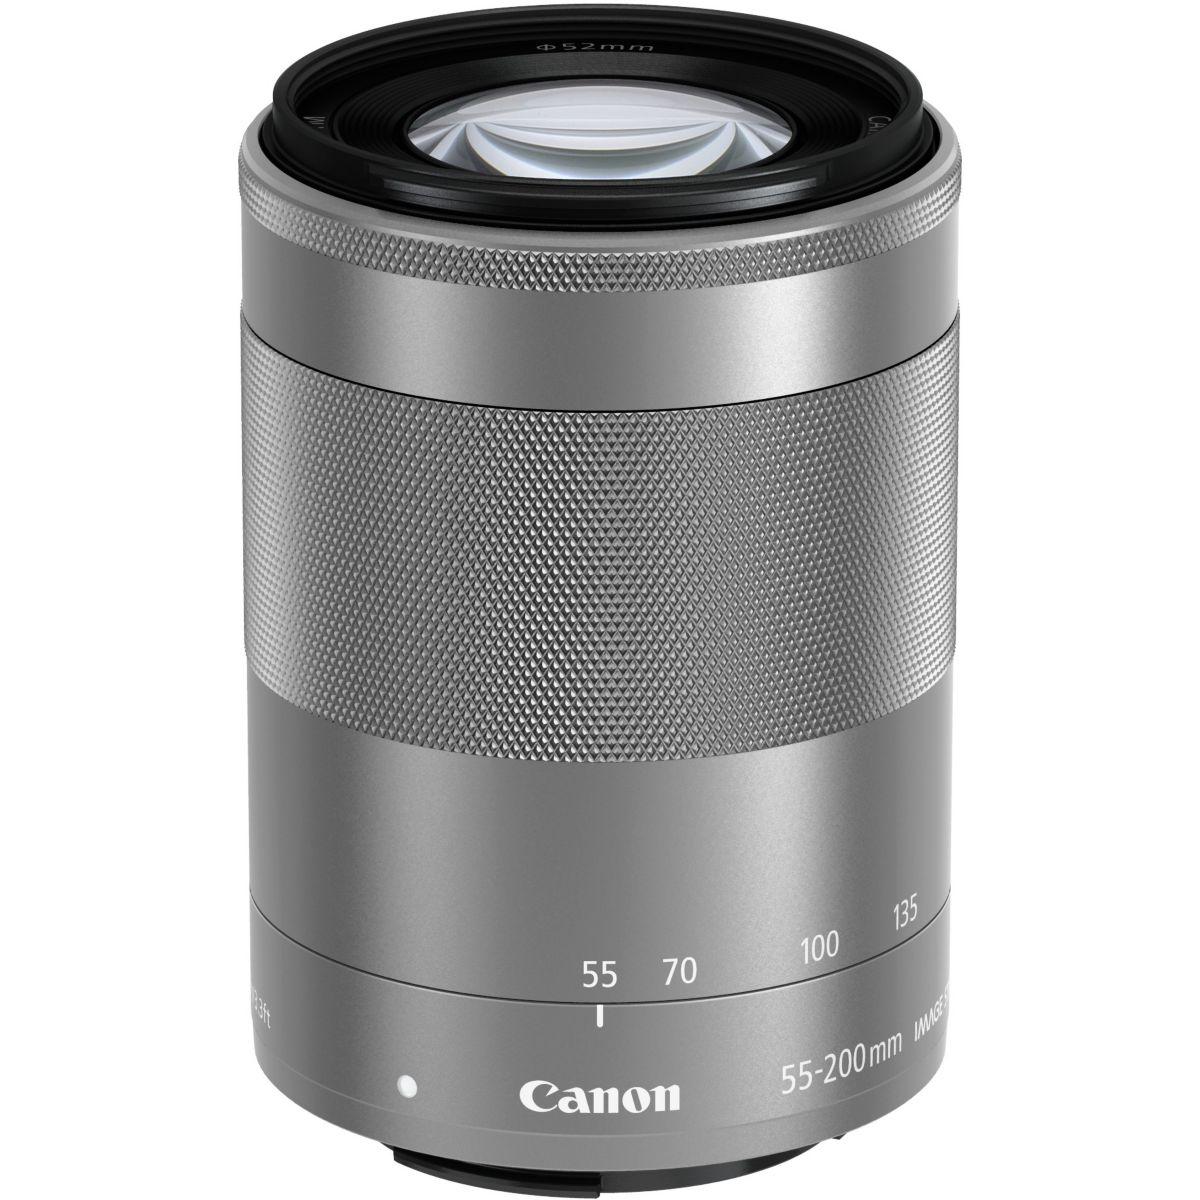 Objectif pour Hybride CANON EF-M 55-200mm argent f/4.5-6.3 IS ...